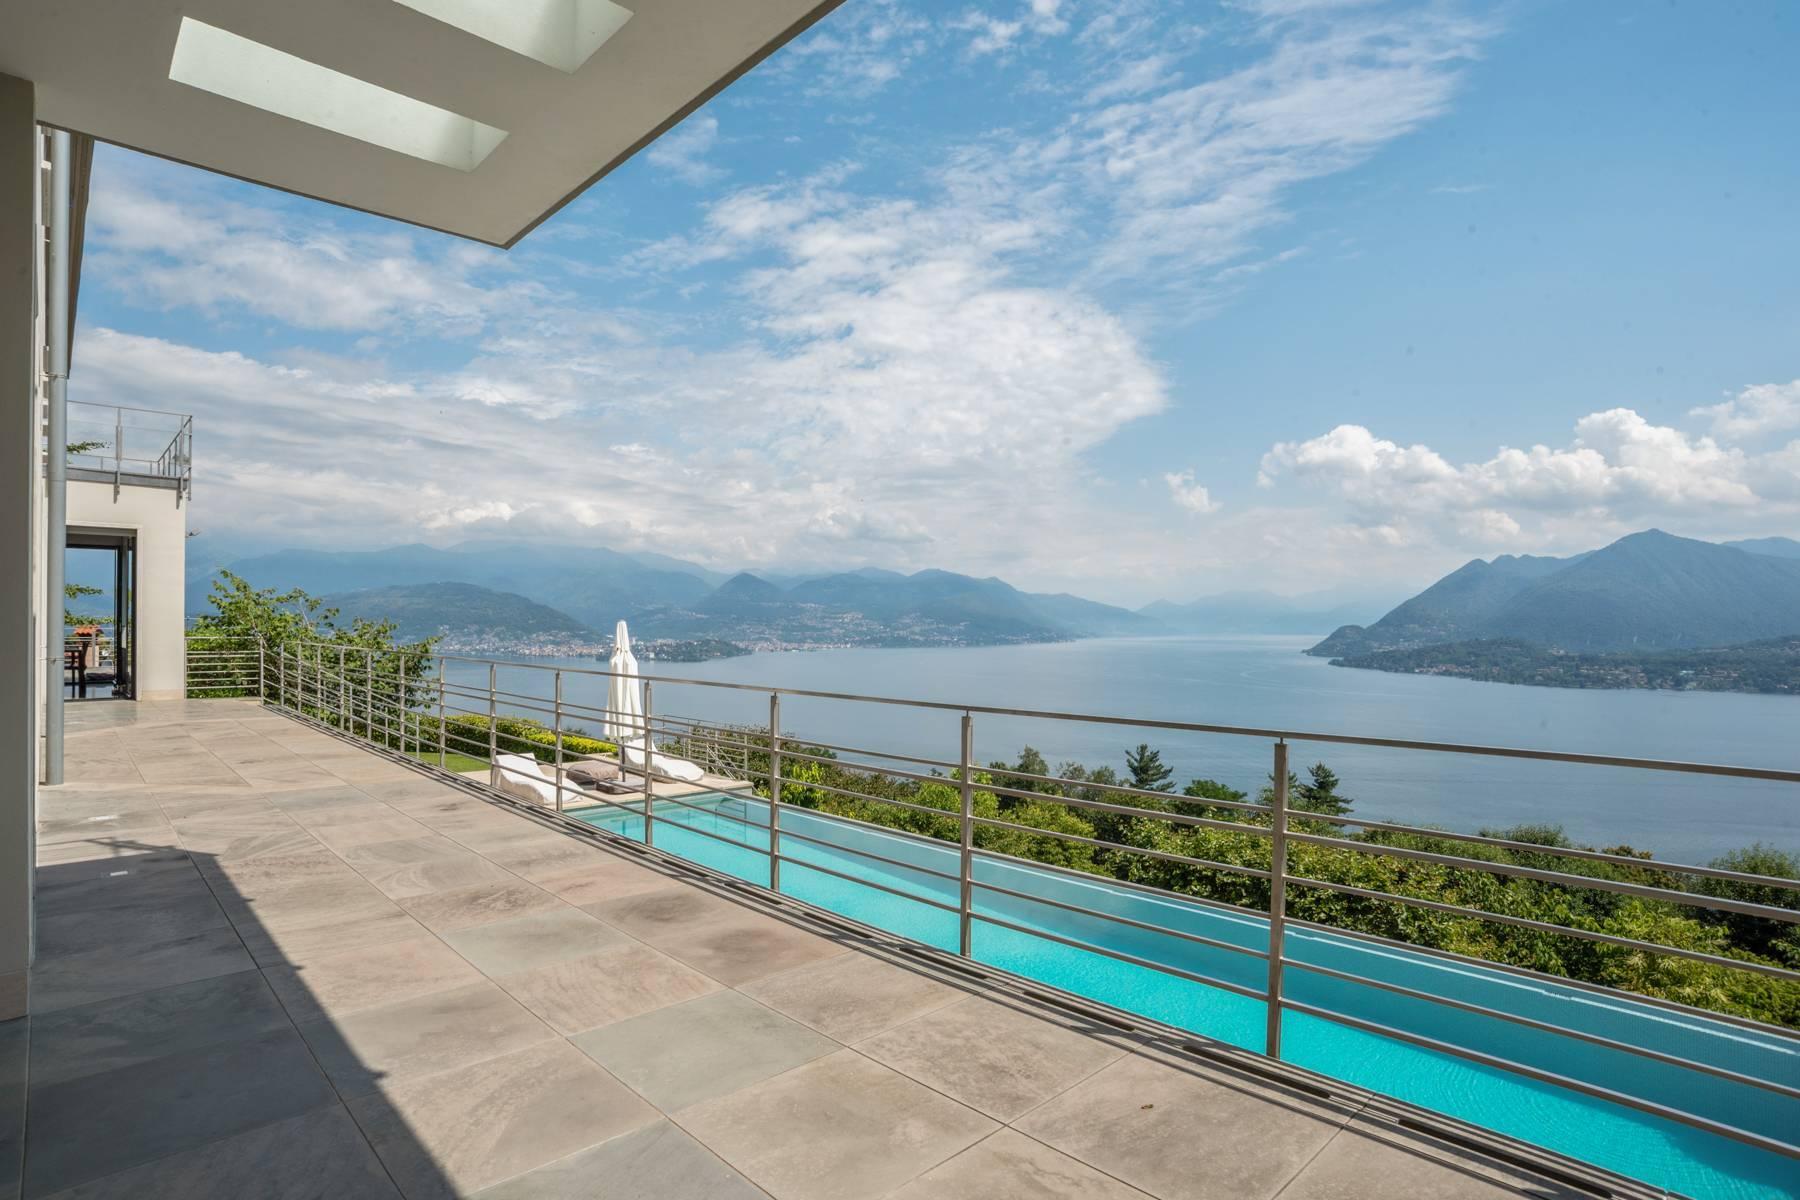 Fabulous Villa on the hills of Stresa - 30